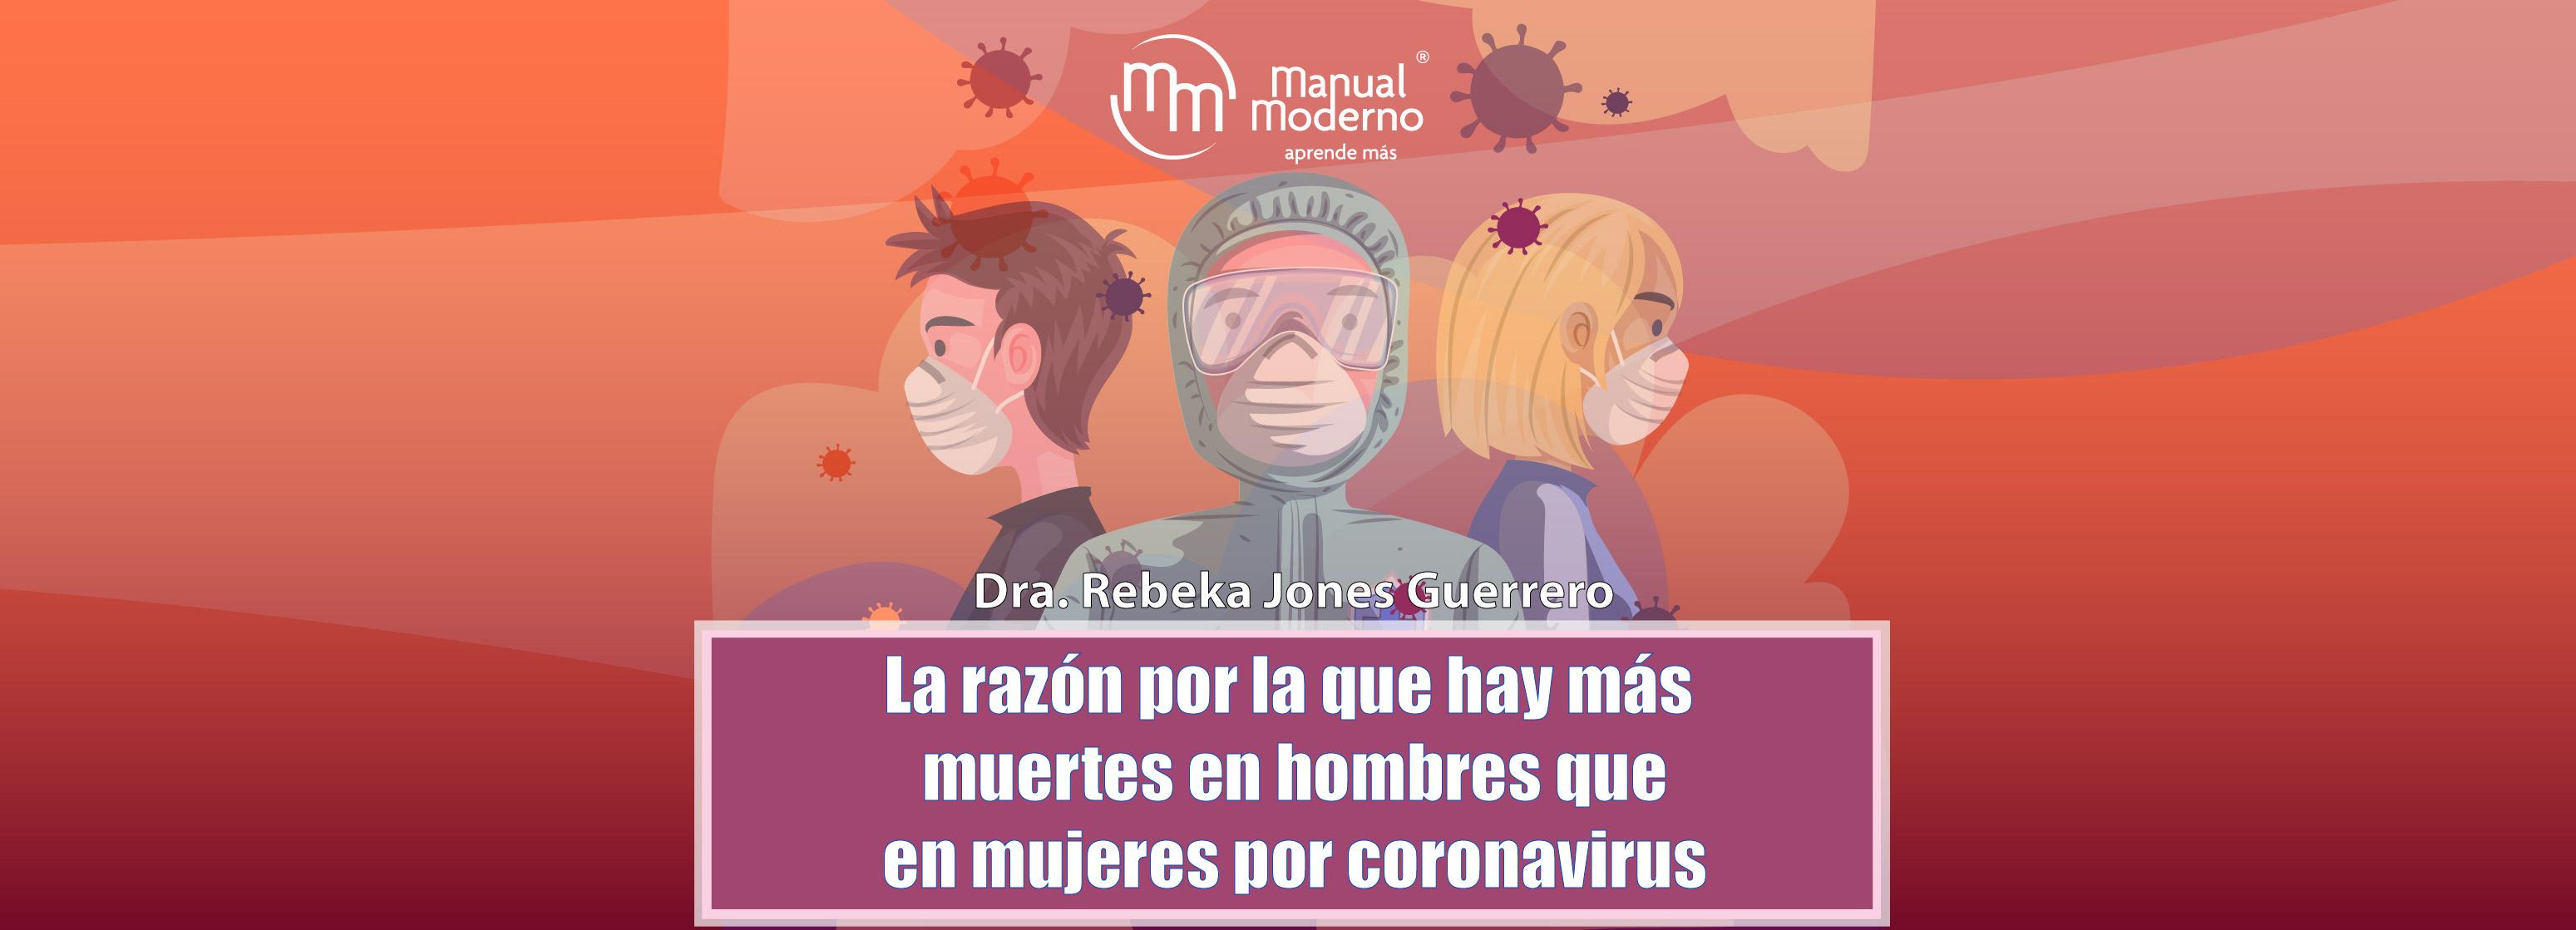 La razón por la que hay más muertes en hombres que en mujeres por coronavirus